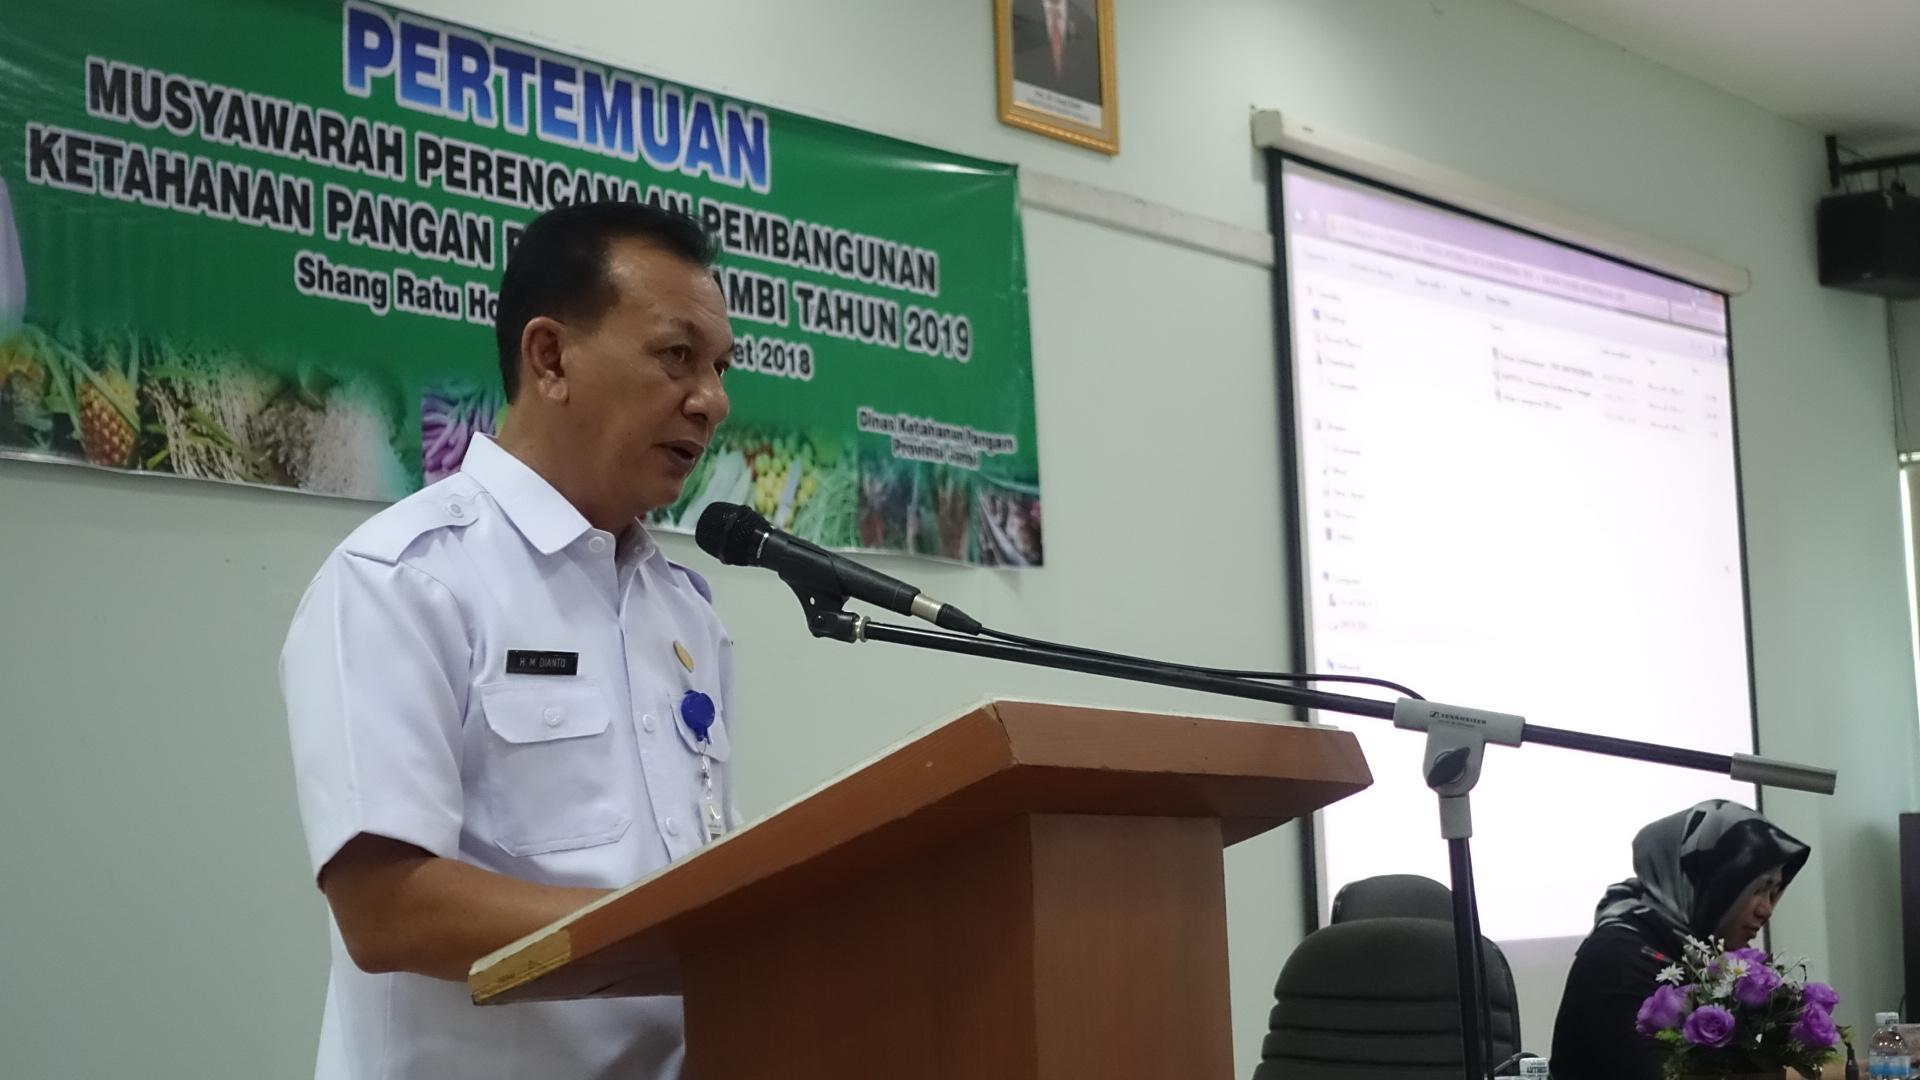 Pemerintah Provinsi Jambi Humas Pemprov Sekretaris Daerah Sekda Drs Dianto